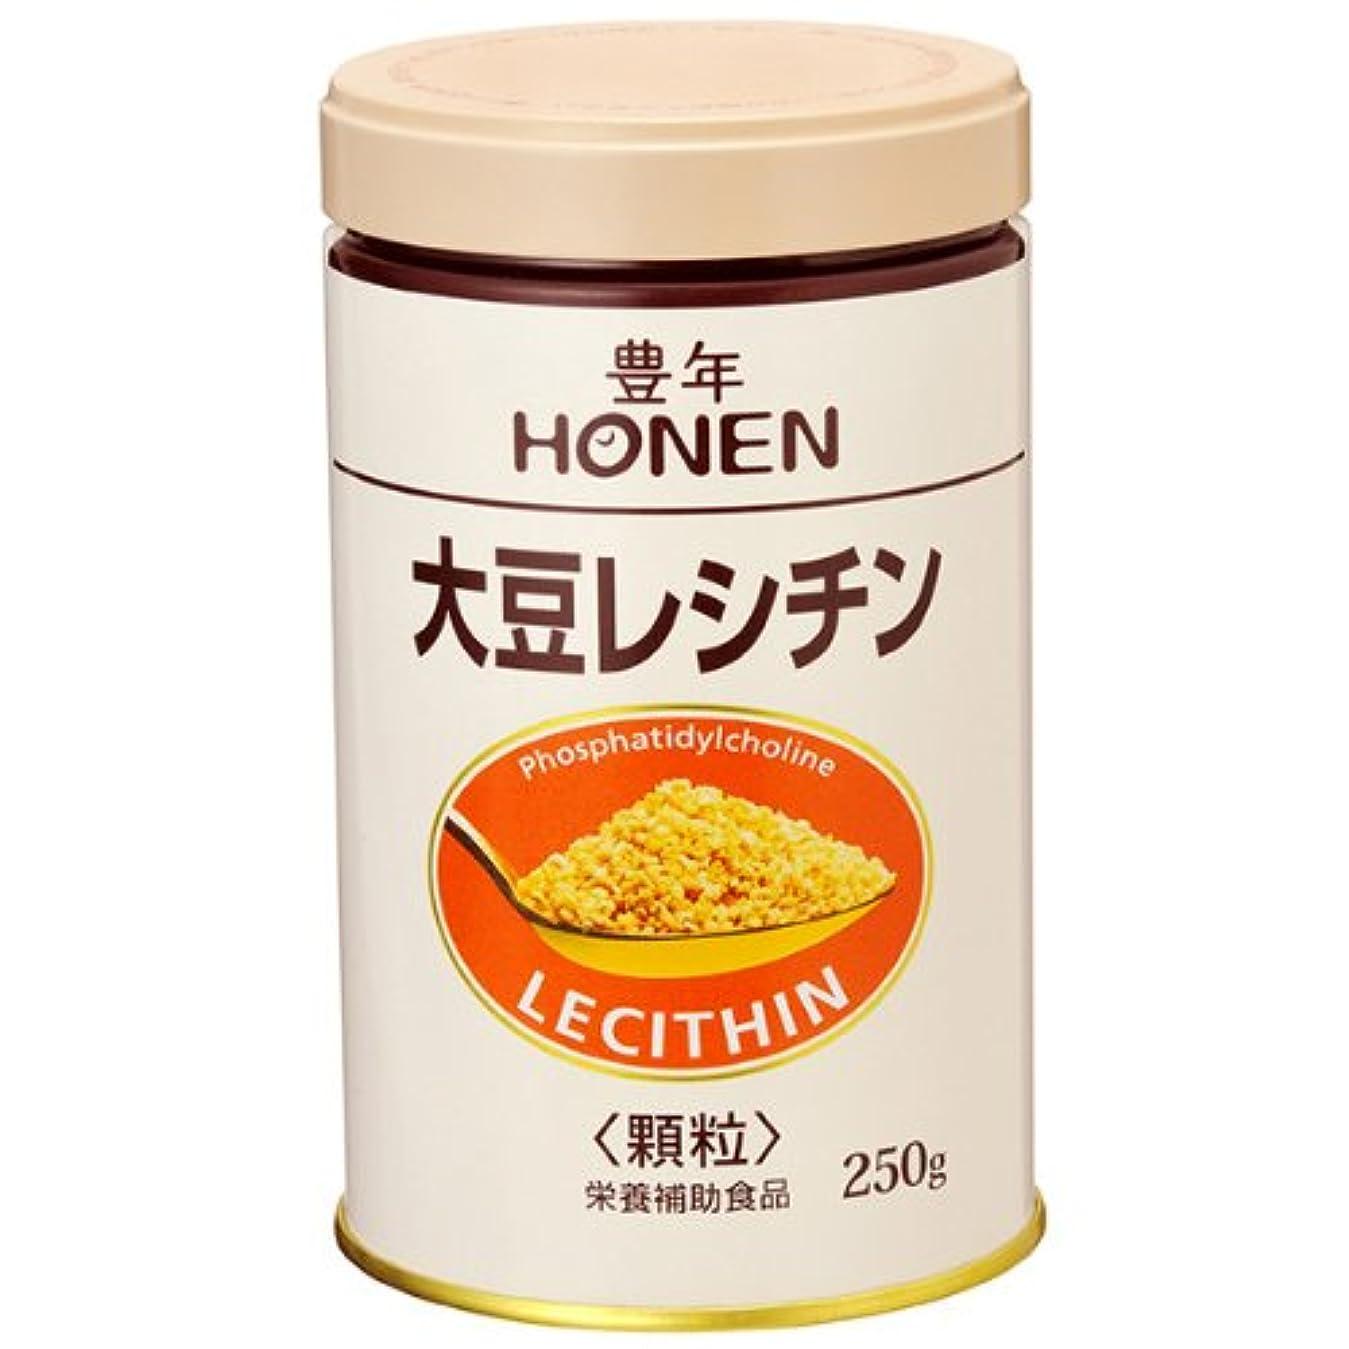 に関して夢週末豊年 大豆レシチン(顆粒250g缶)